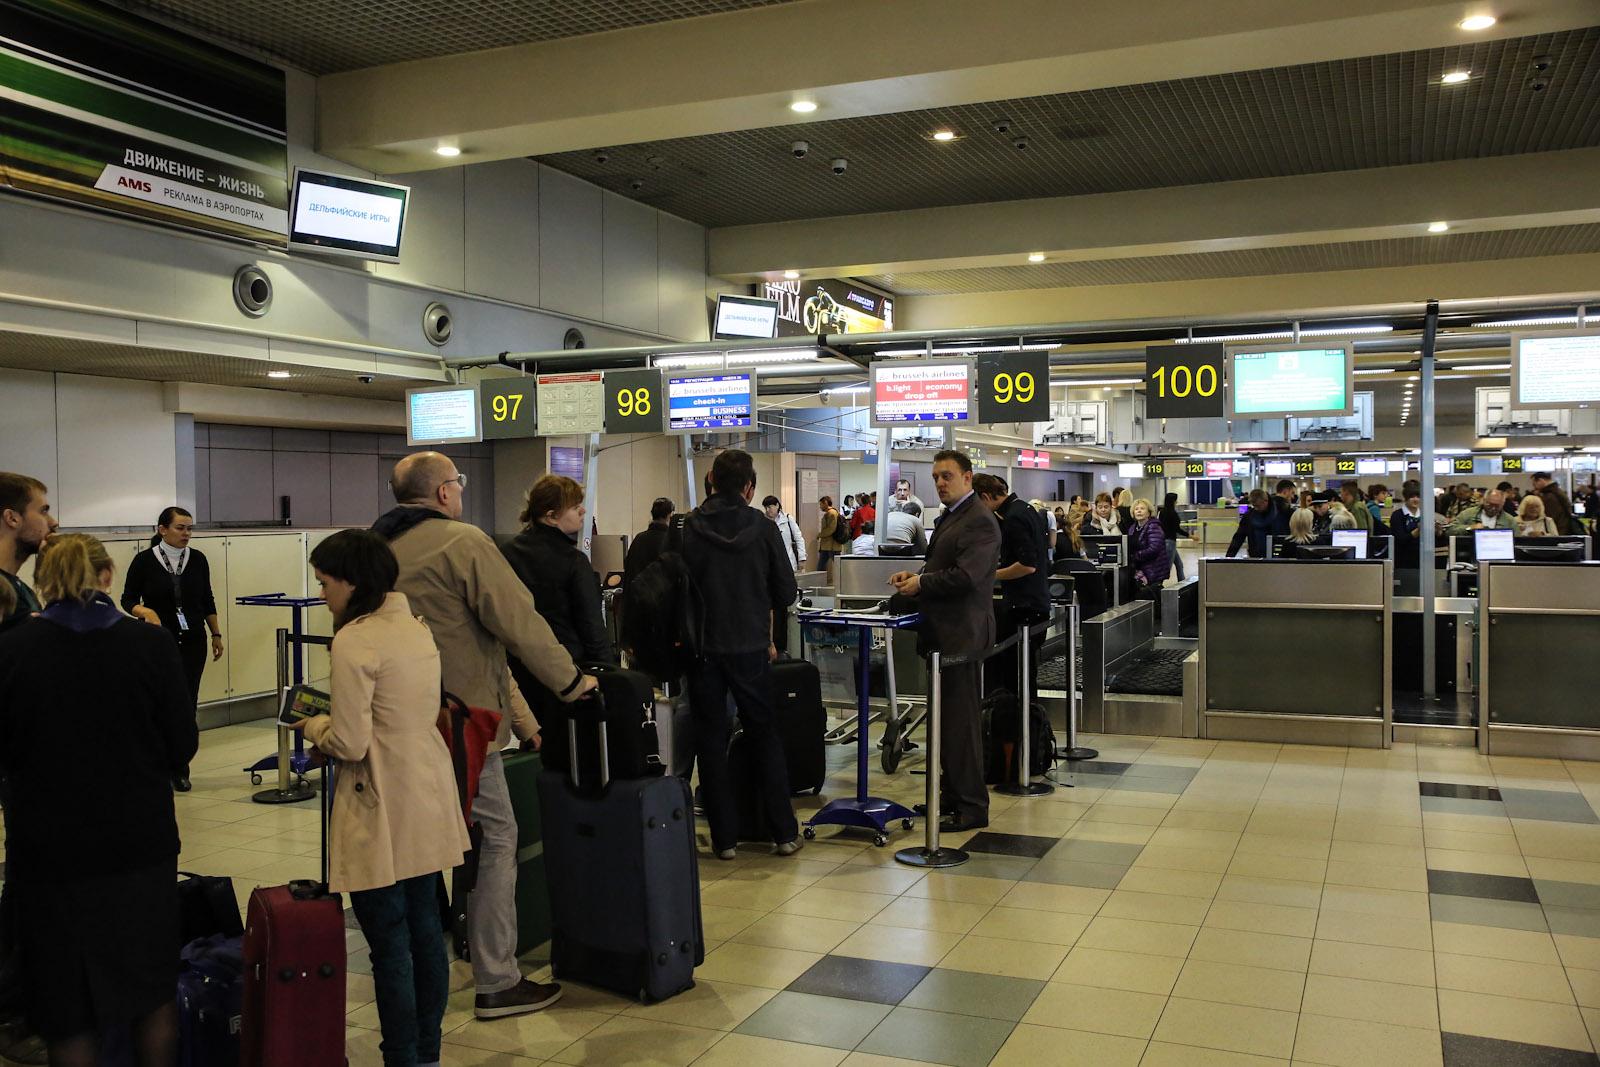 Регистрация на рейсе Москва-Брюссель в аэропорту Домодедово